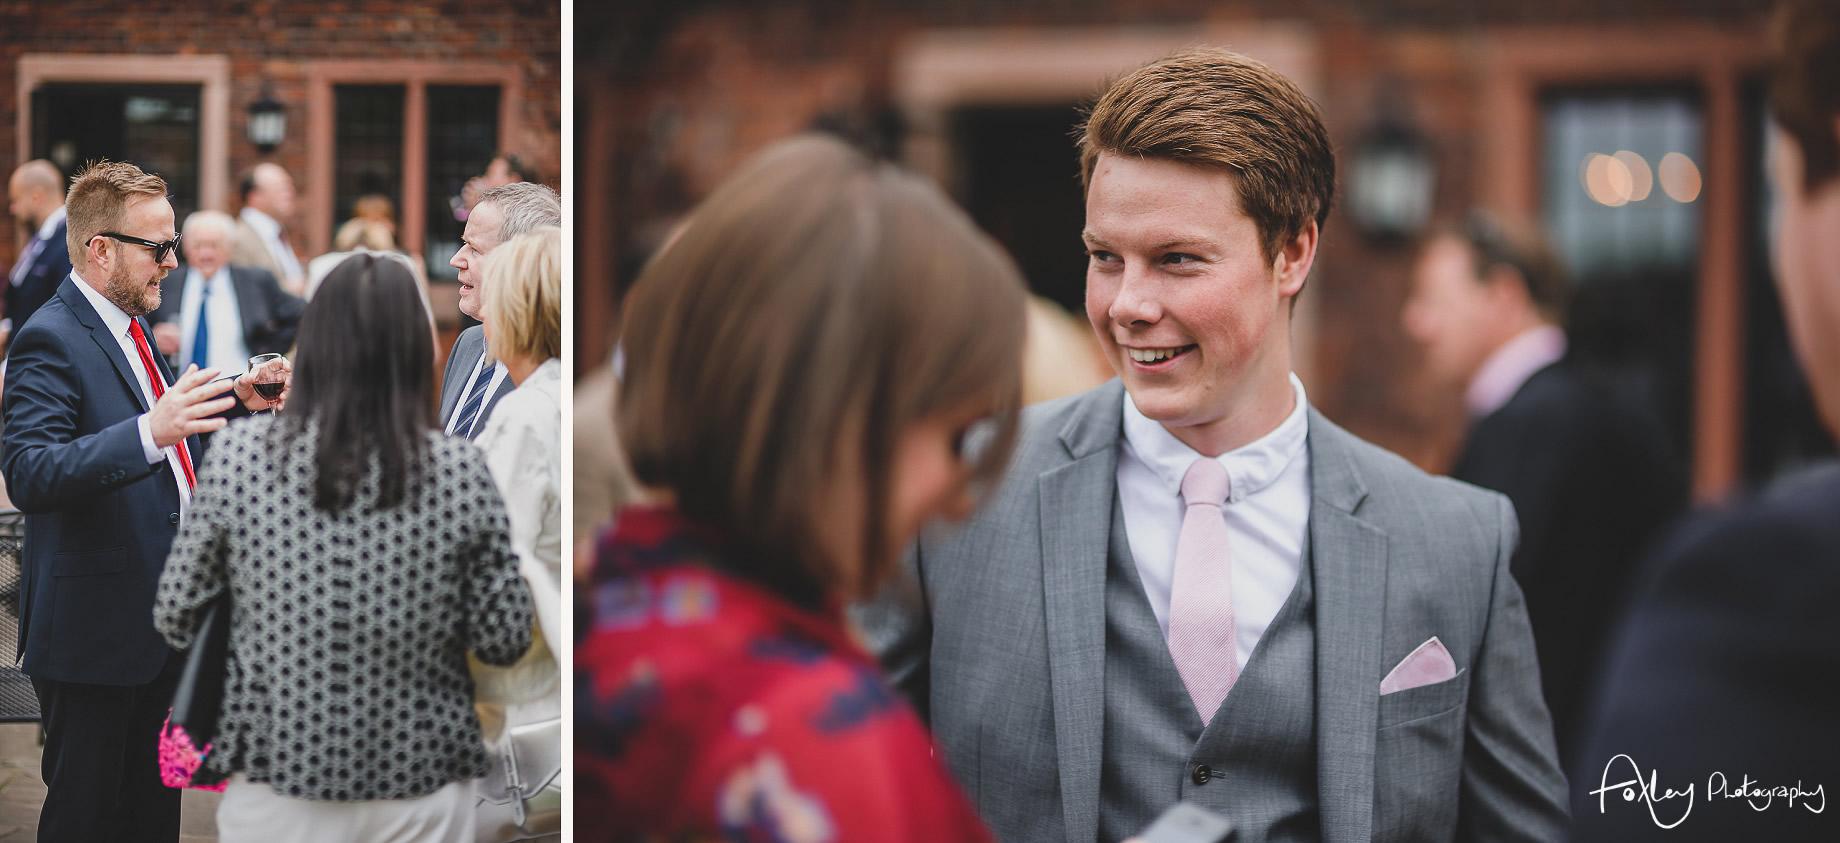 Simona-and-Robert-Wedding-at-Colshaw-Hall-070